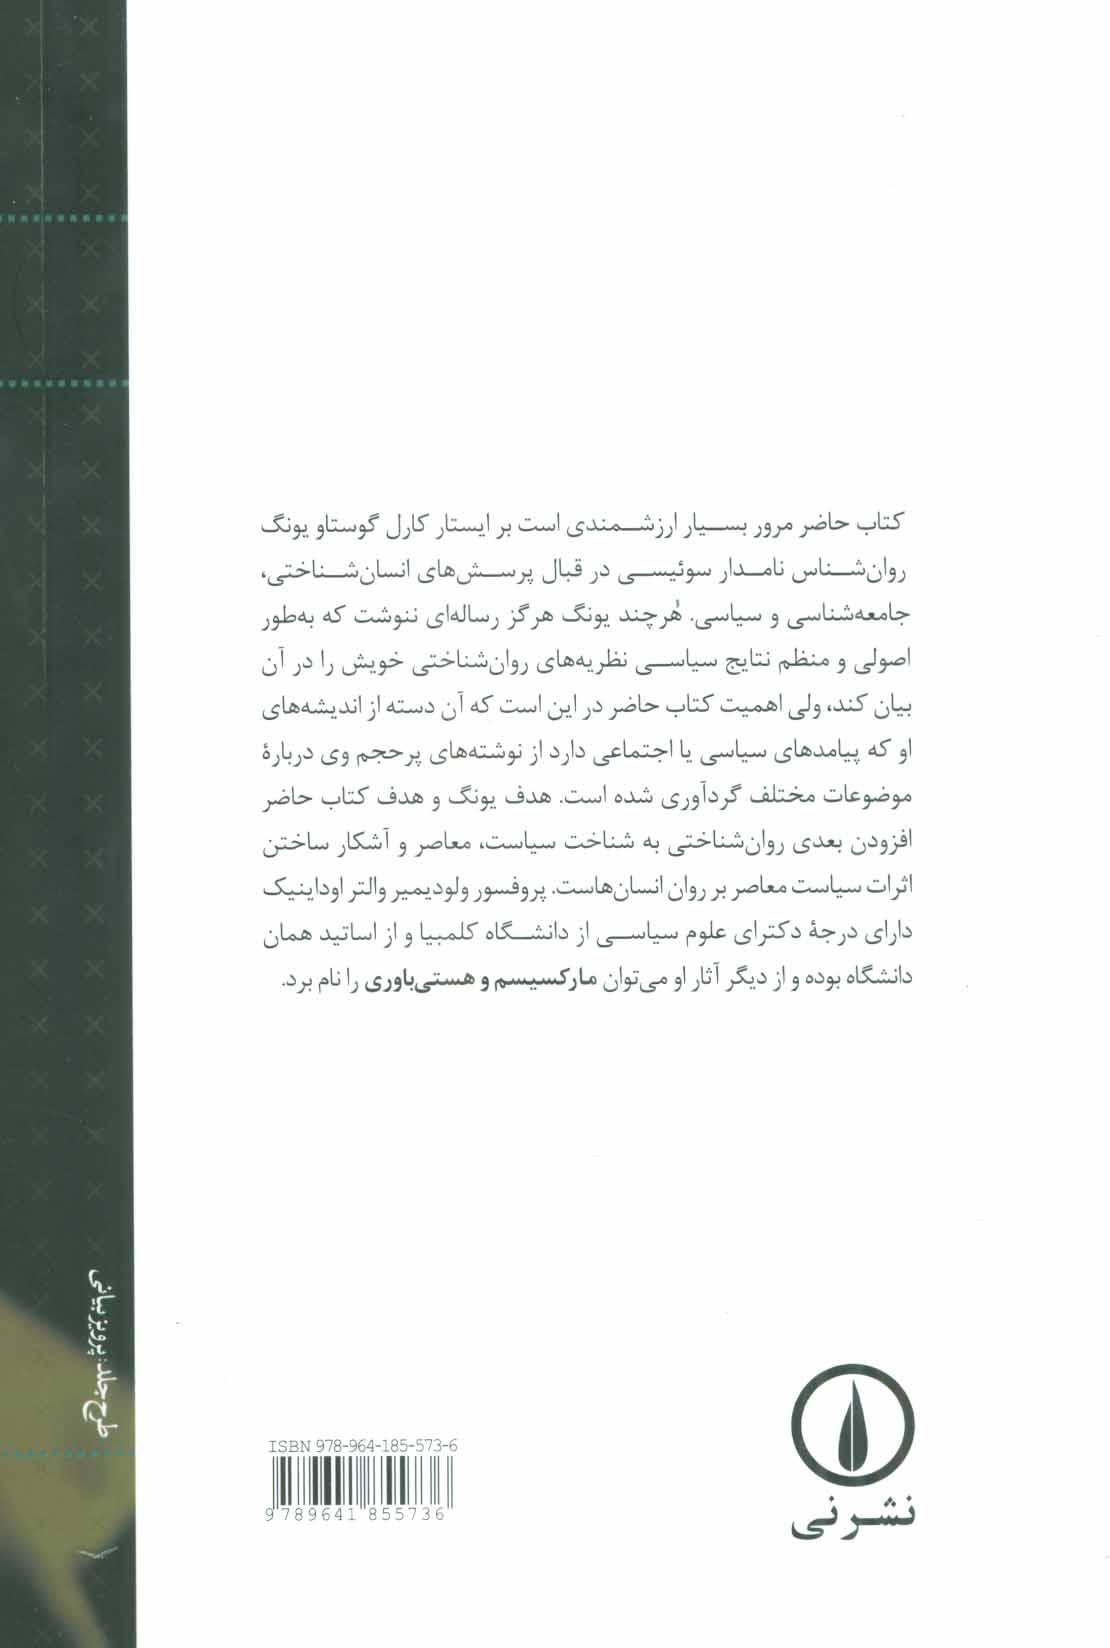 یونگ و سیاست (اندیشه های سیاسی و اجتماعی کارل گوستاو یونگ)